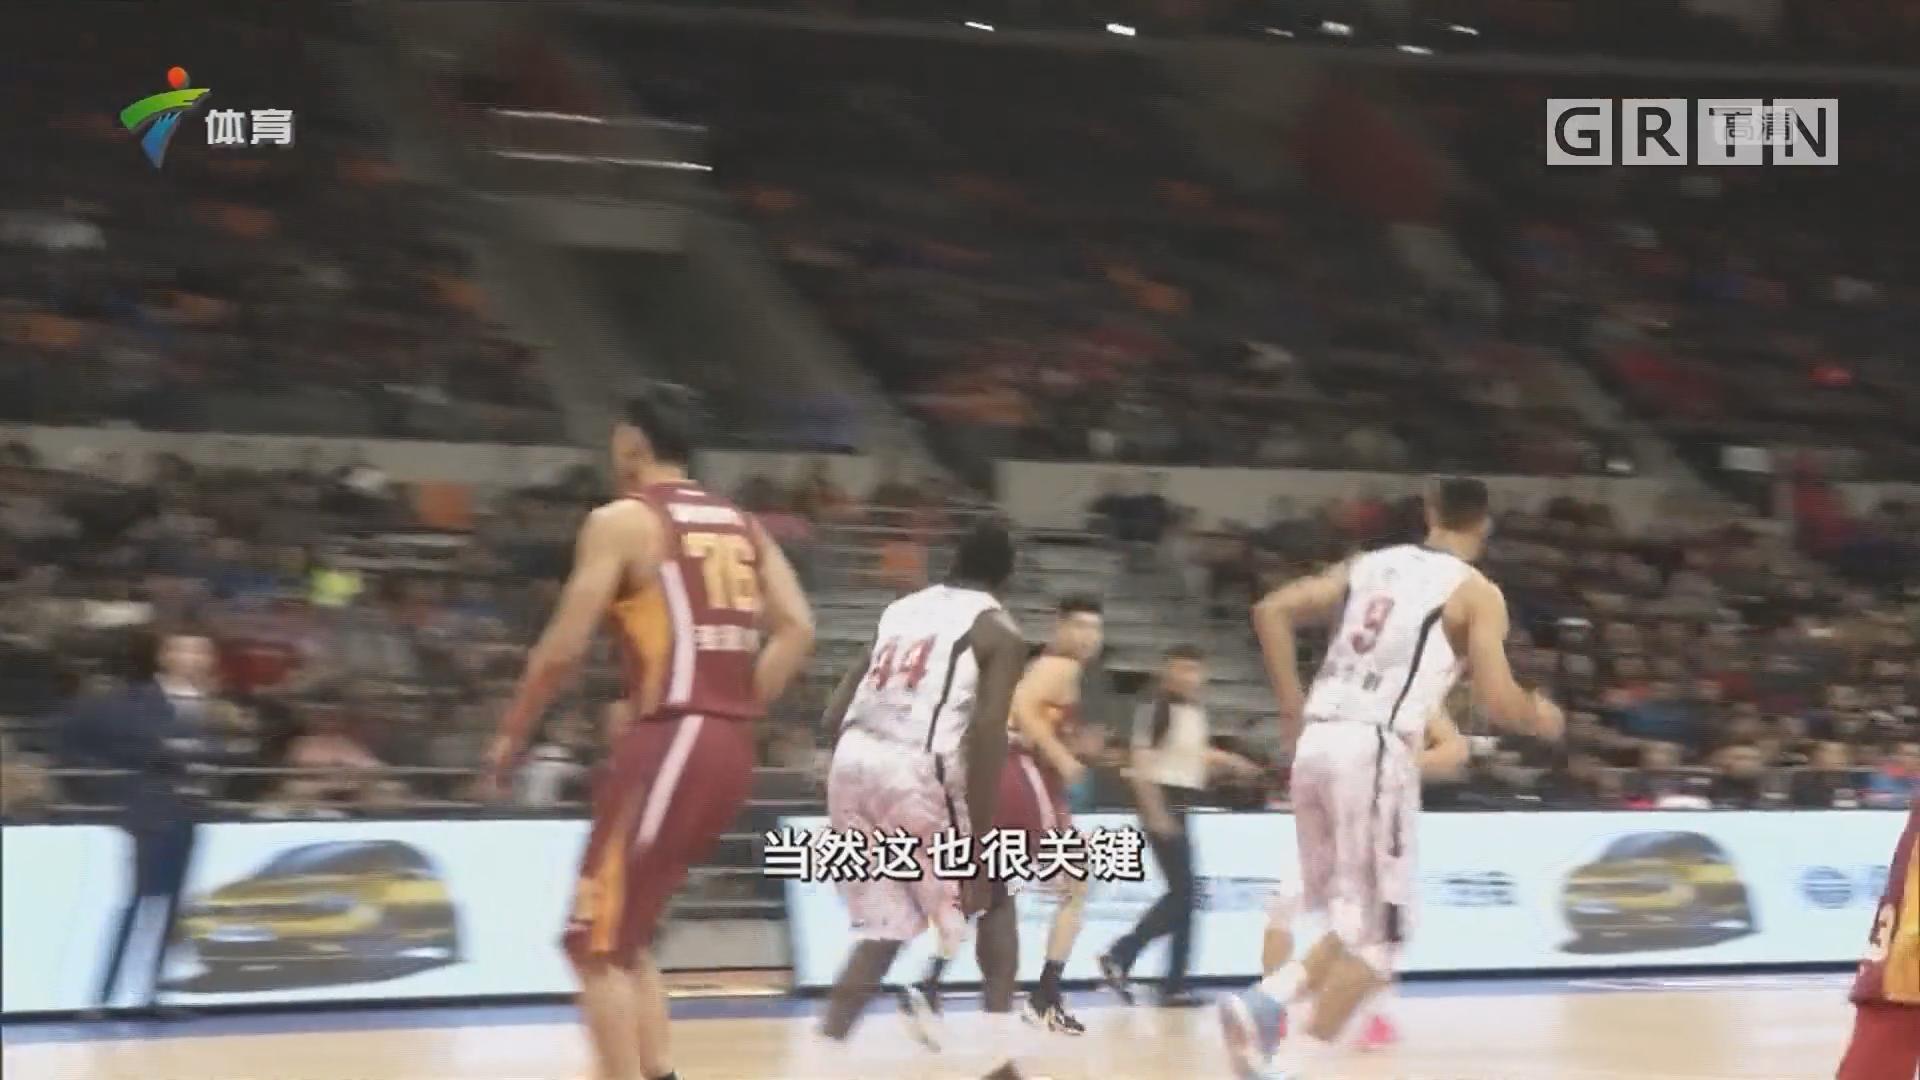 尼克尔森4得分赛季新高 广东主场2连胜